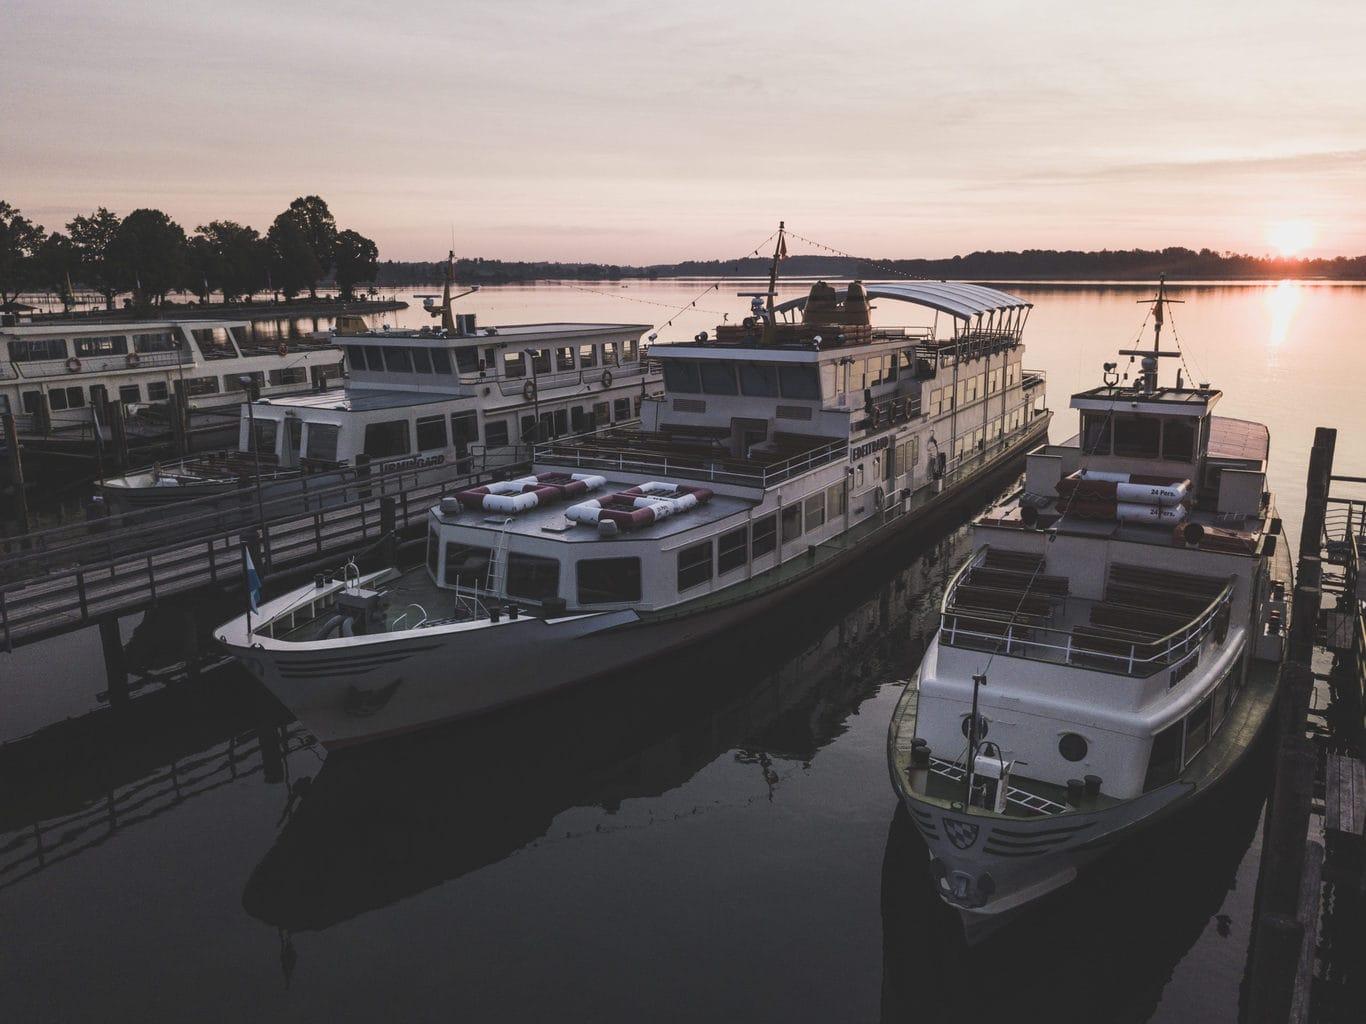 De vloot van Chiemsee Schifffahrt op het meertje tijdens de zonsondergang